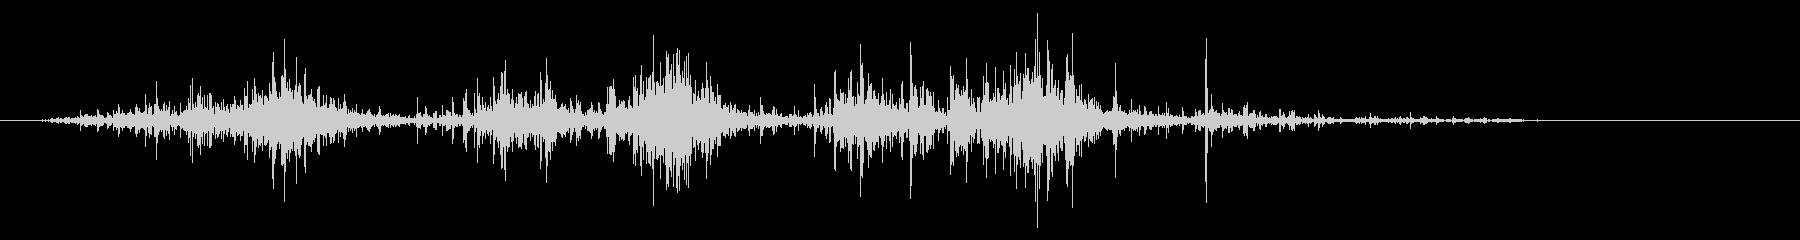 タブレッド菓子出す音・振る音12の未再生の波形